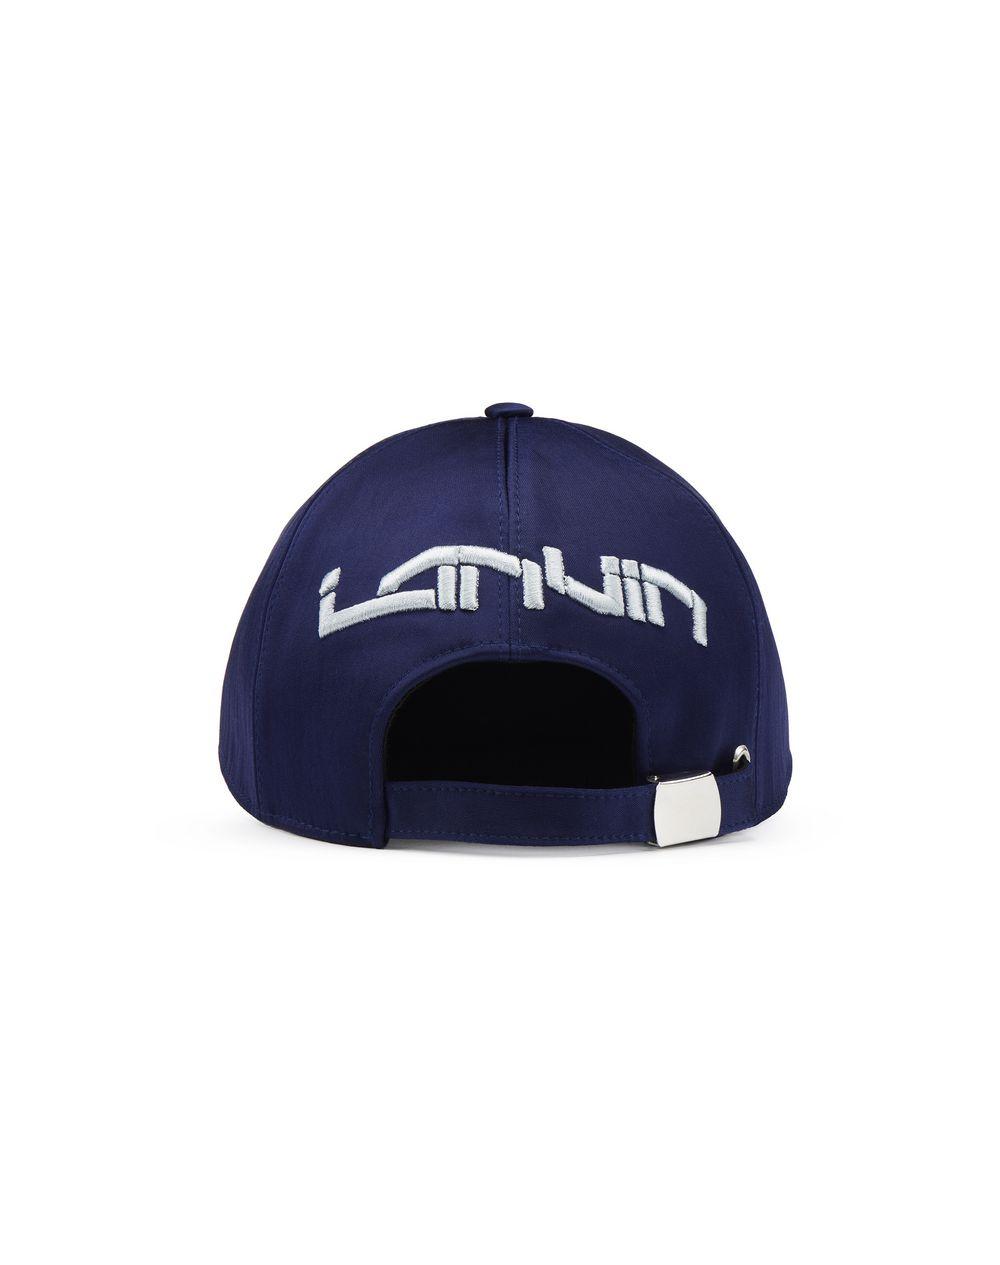 ランバン ナイロン キャップ - Lanvin